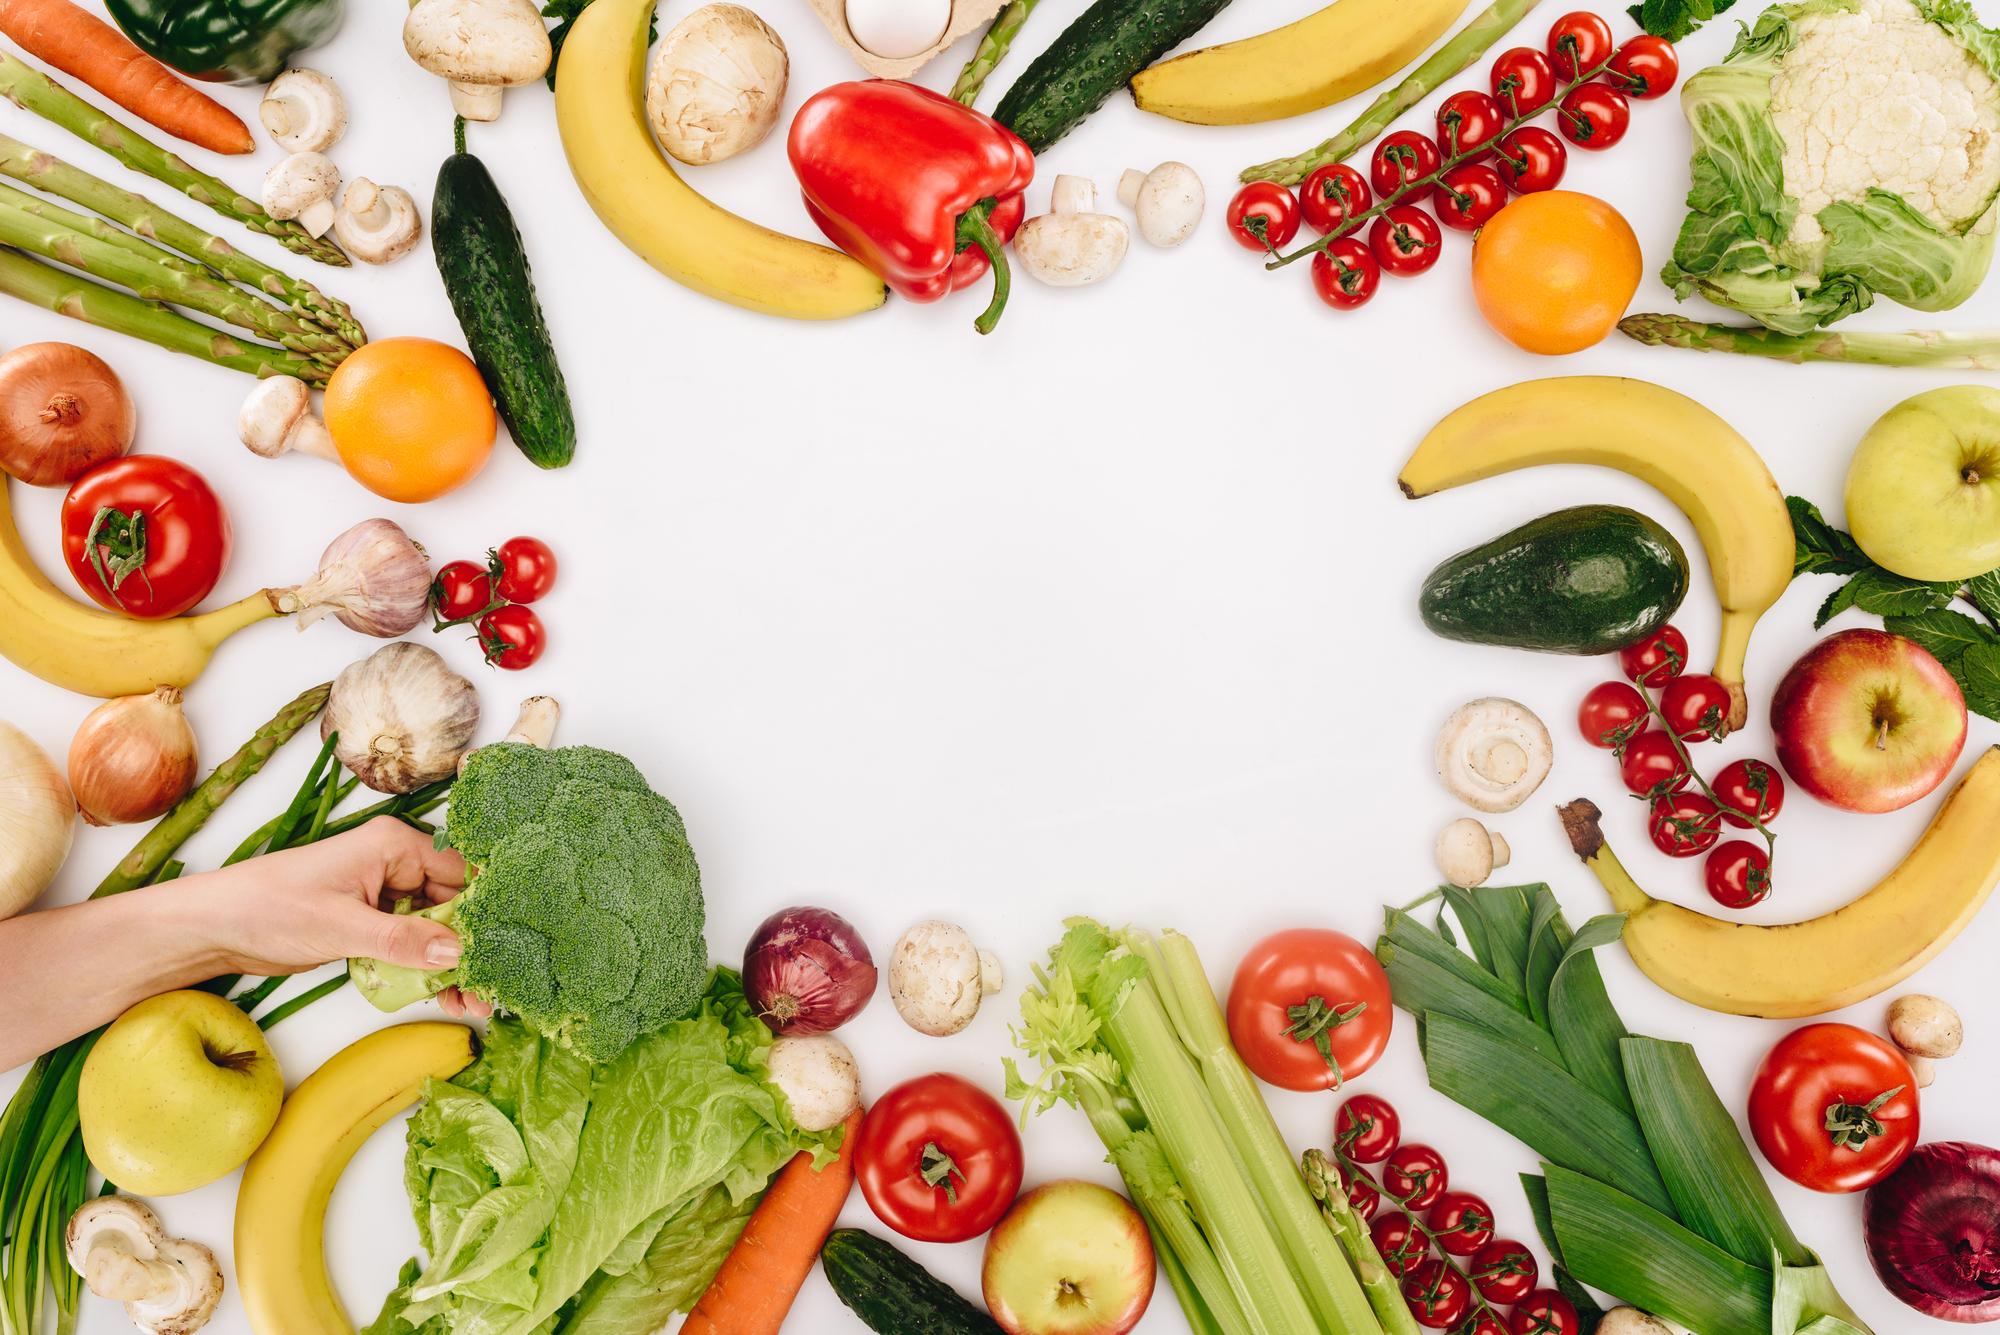 Вегетарианство: как сделать рацион сбалансированным?